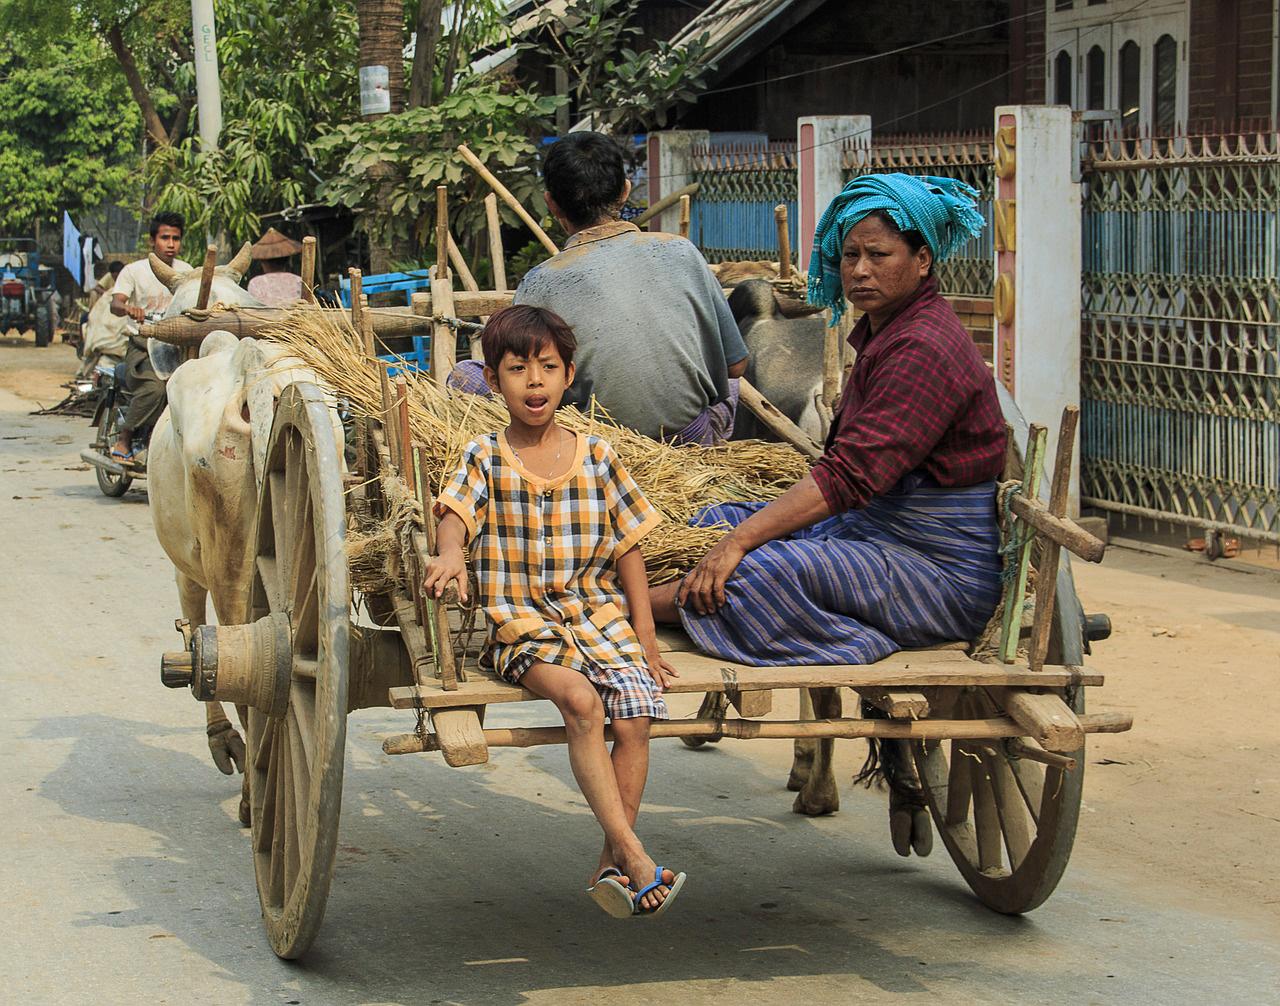 ミャンマーの気象学者、今年の乾季も平年より暑いと予測